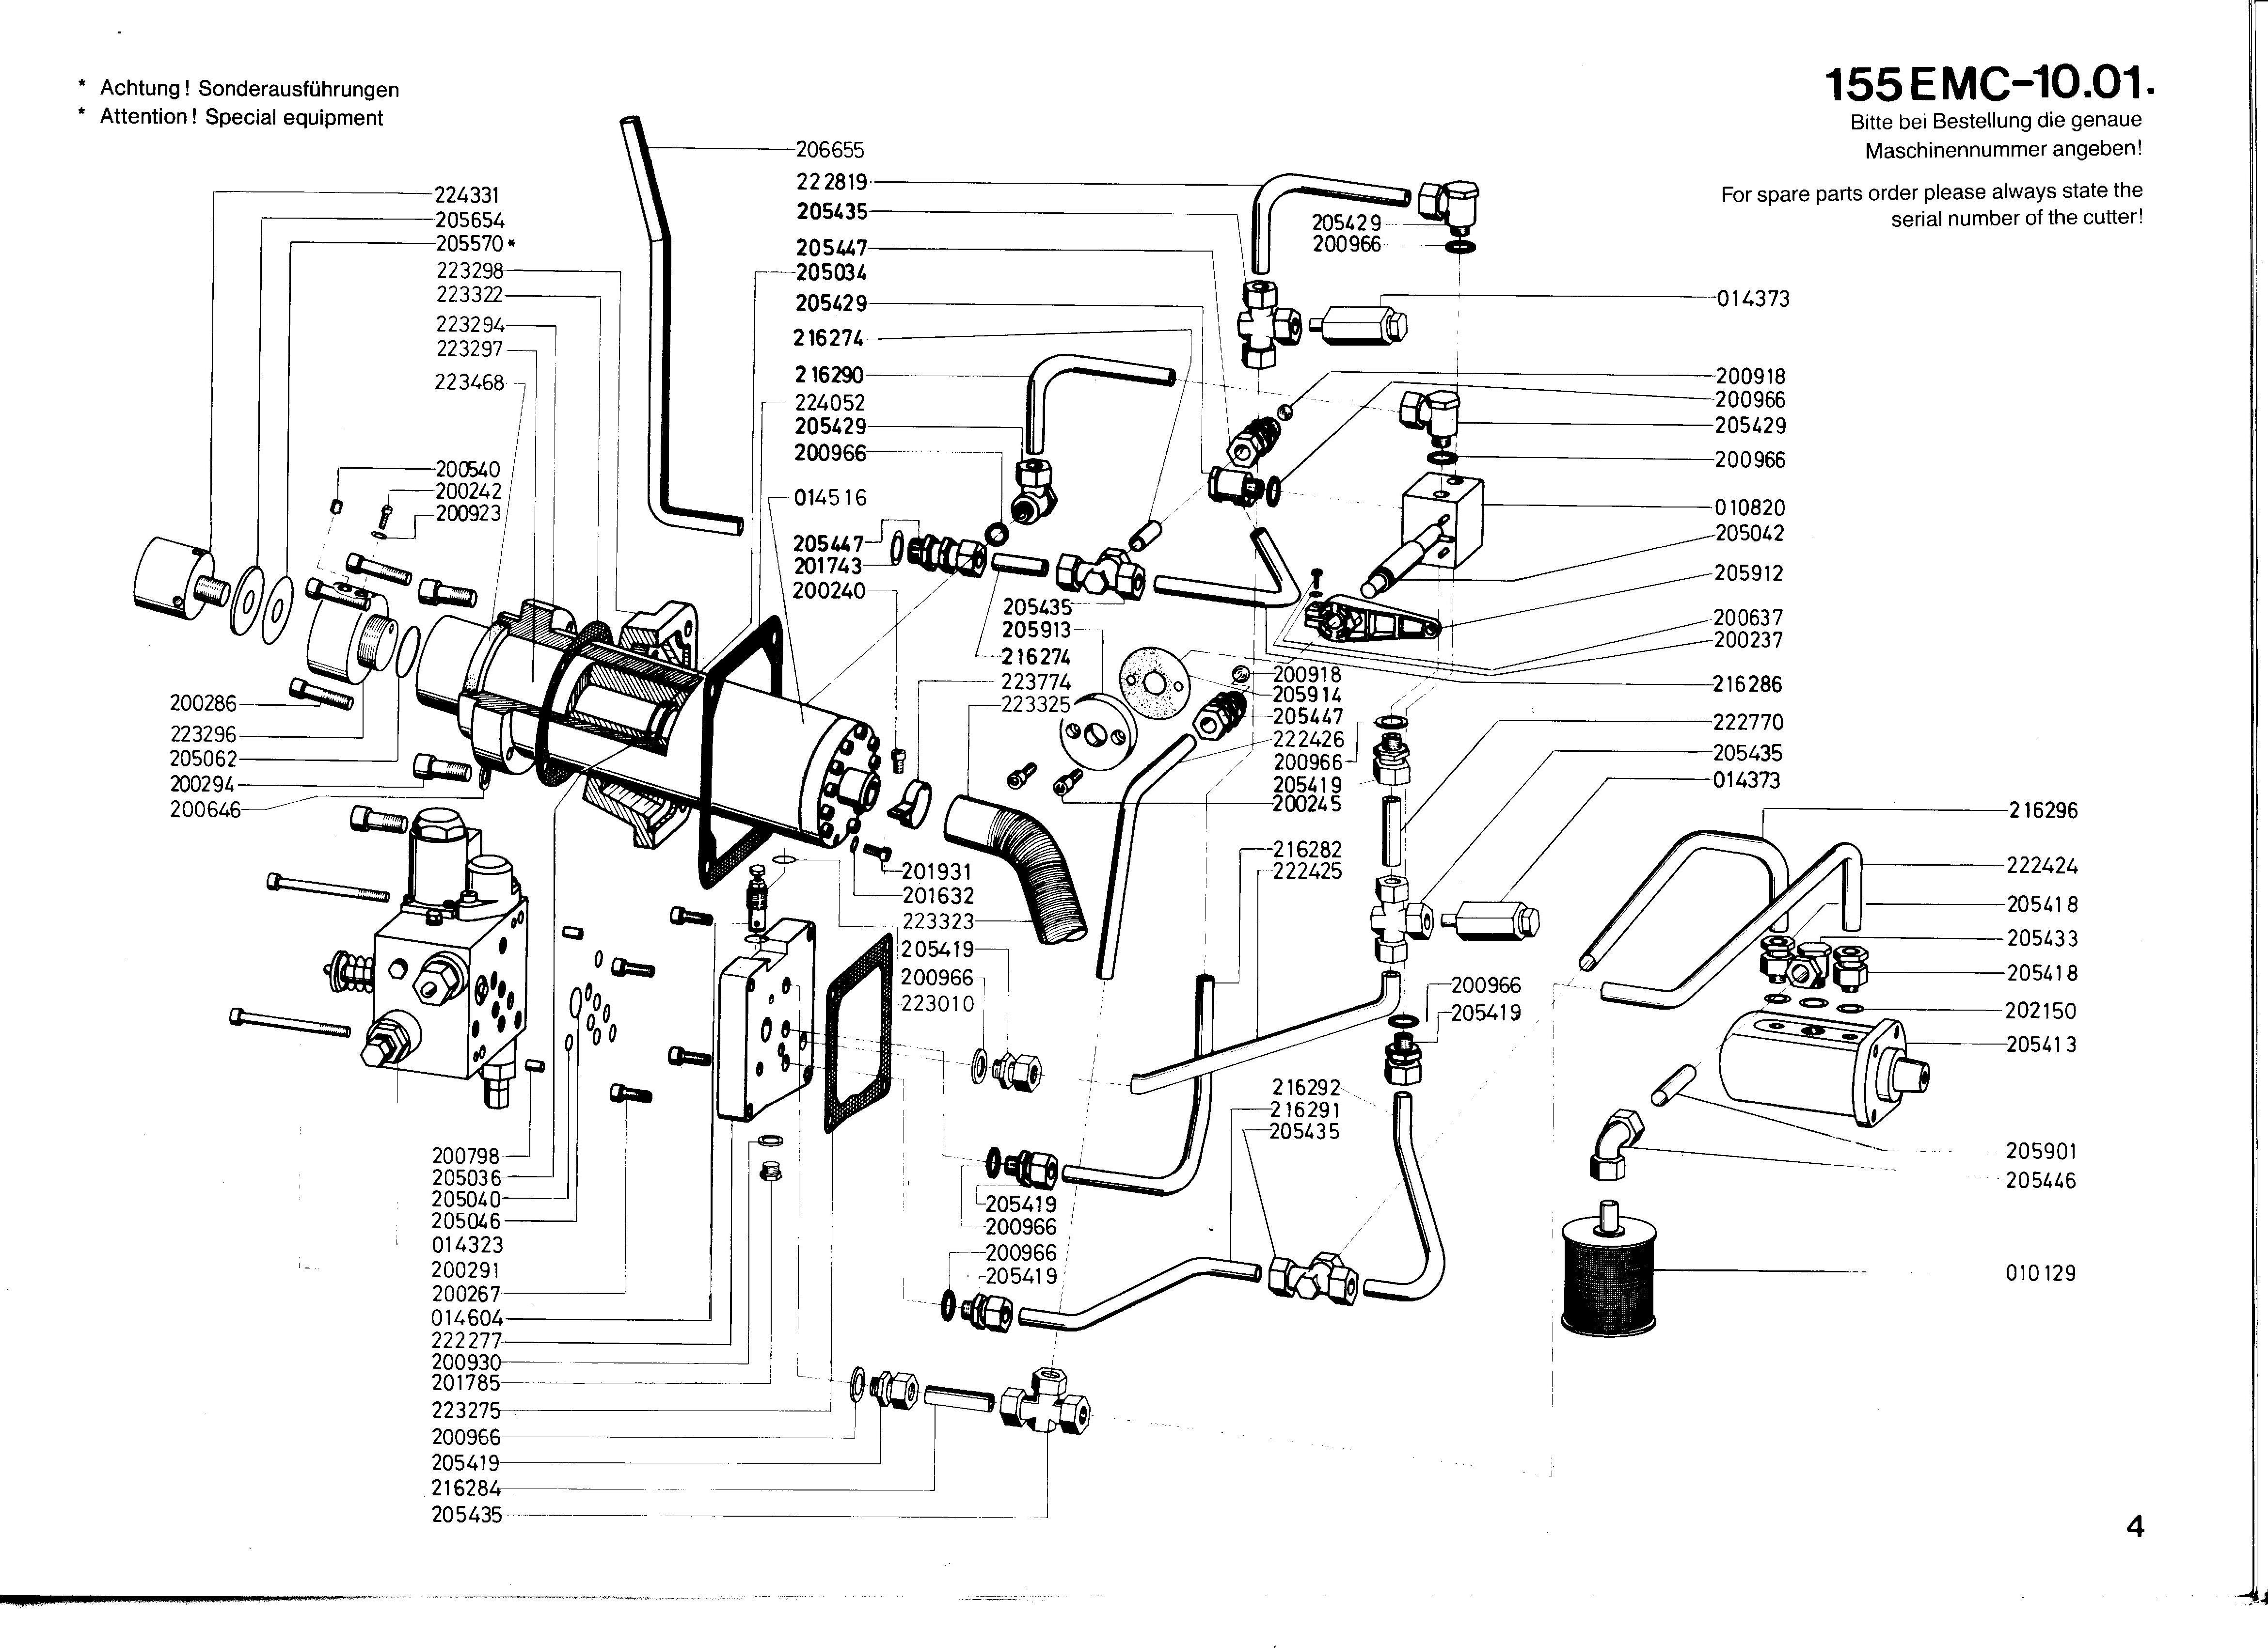 Polar 155EMC-1---004